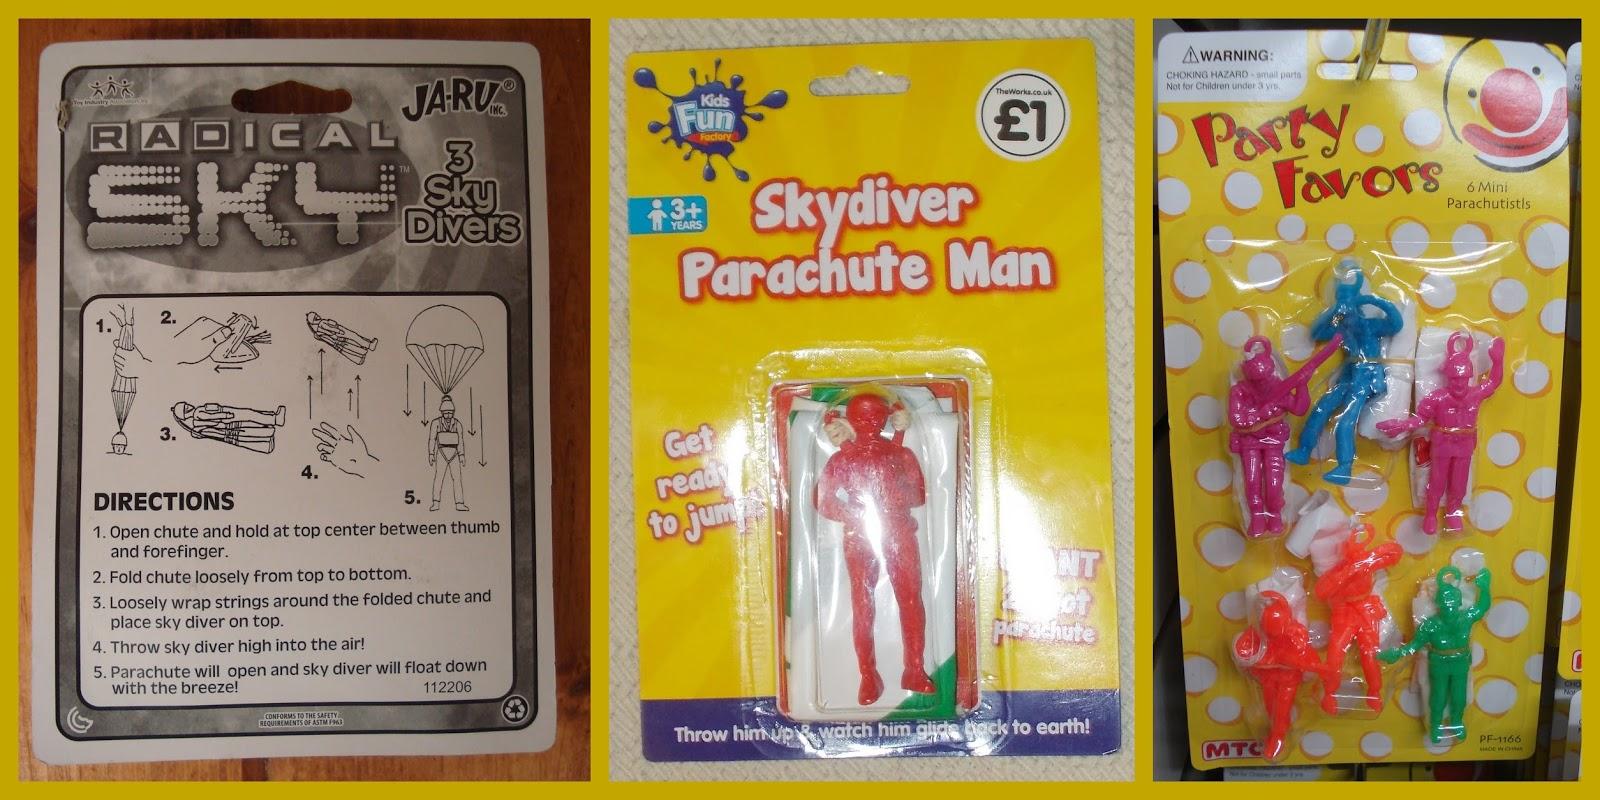 Radical Sky 3 Sky Divers